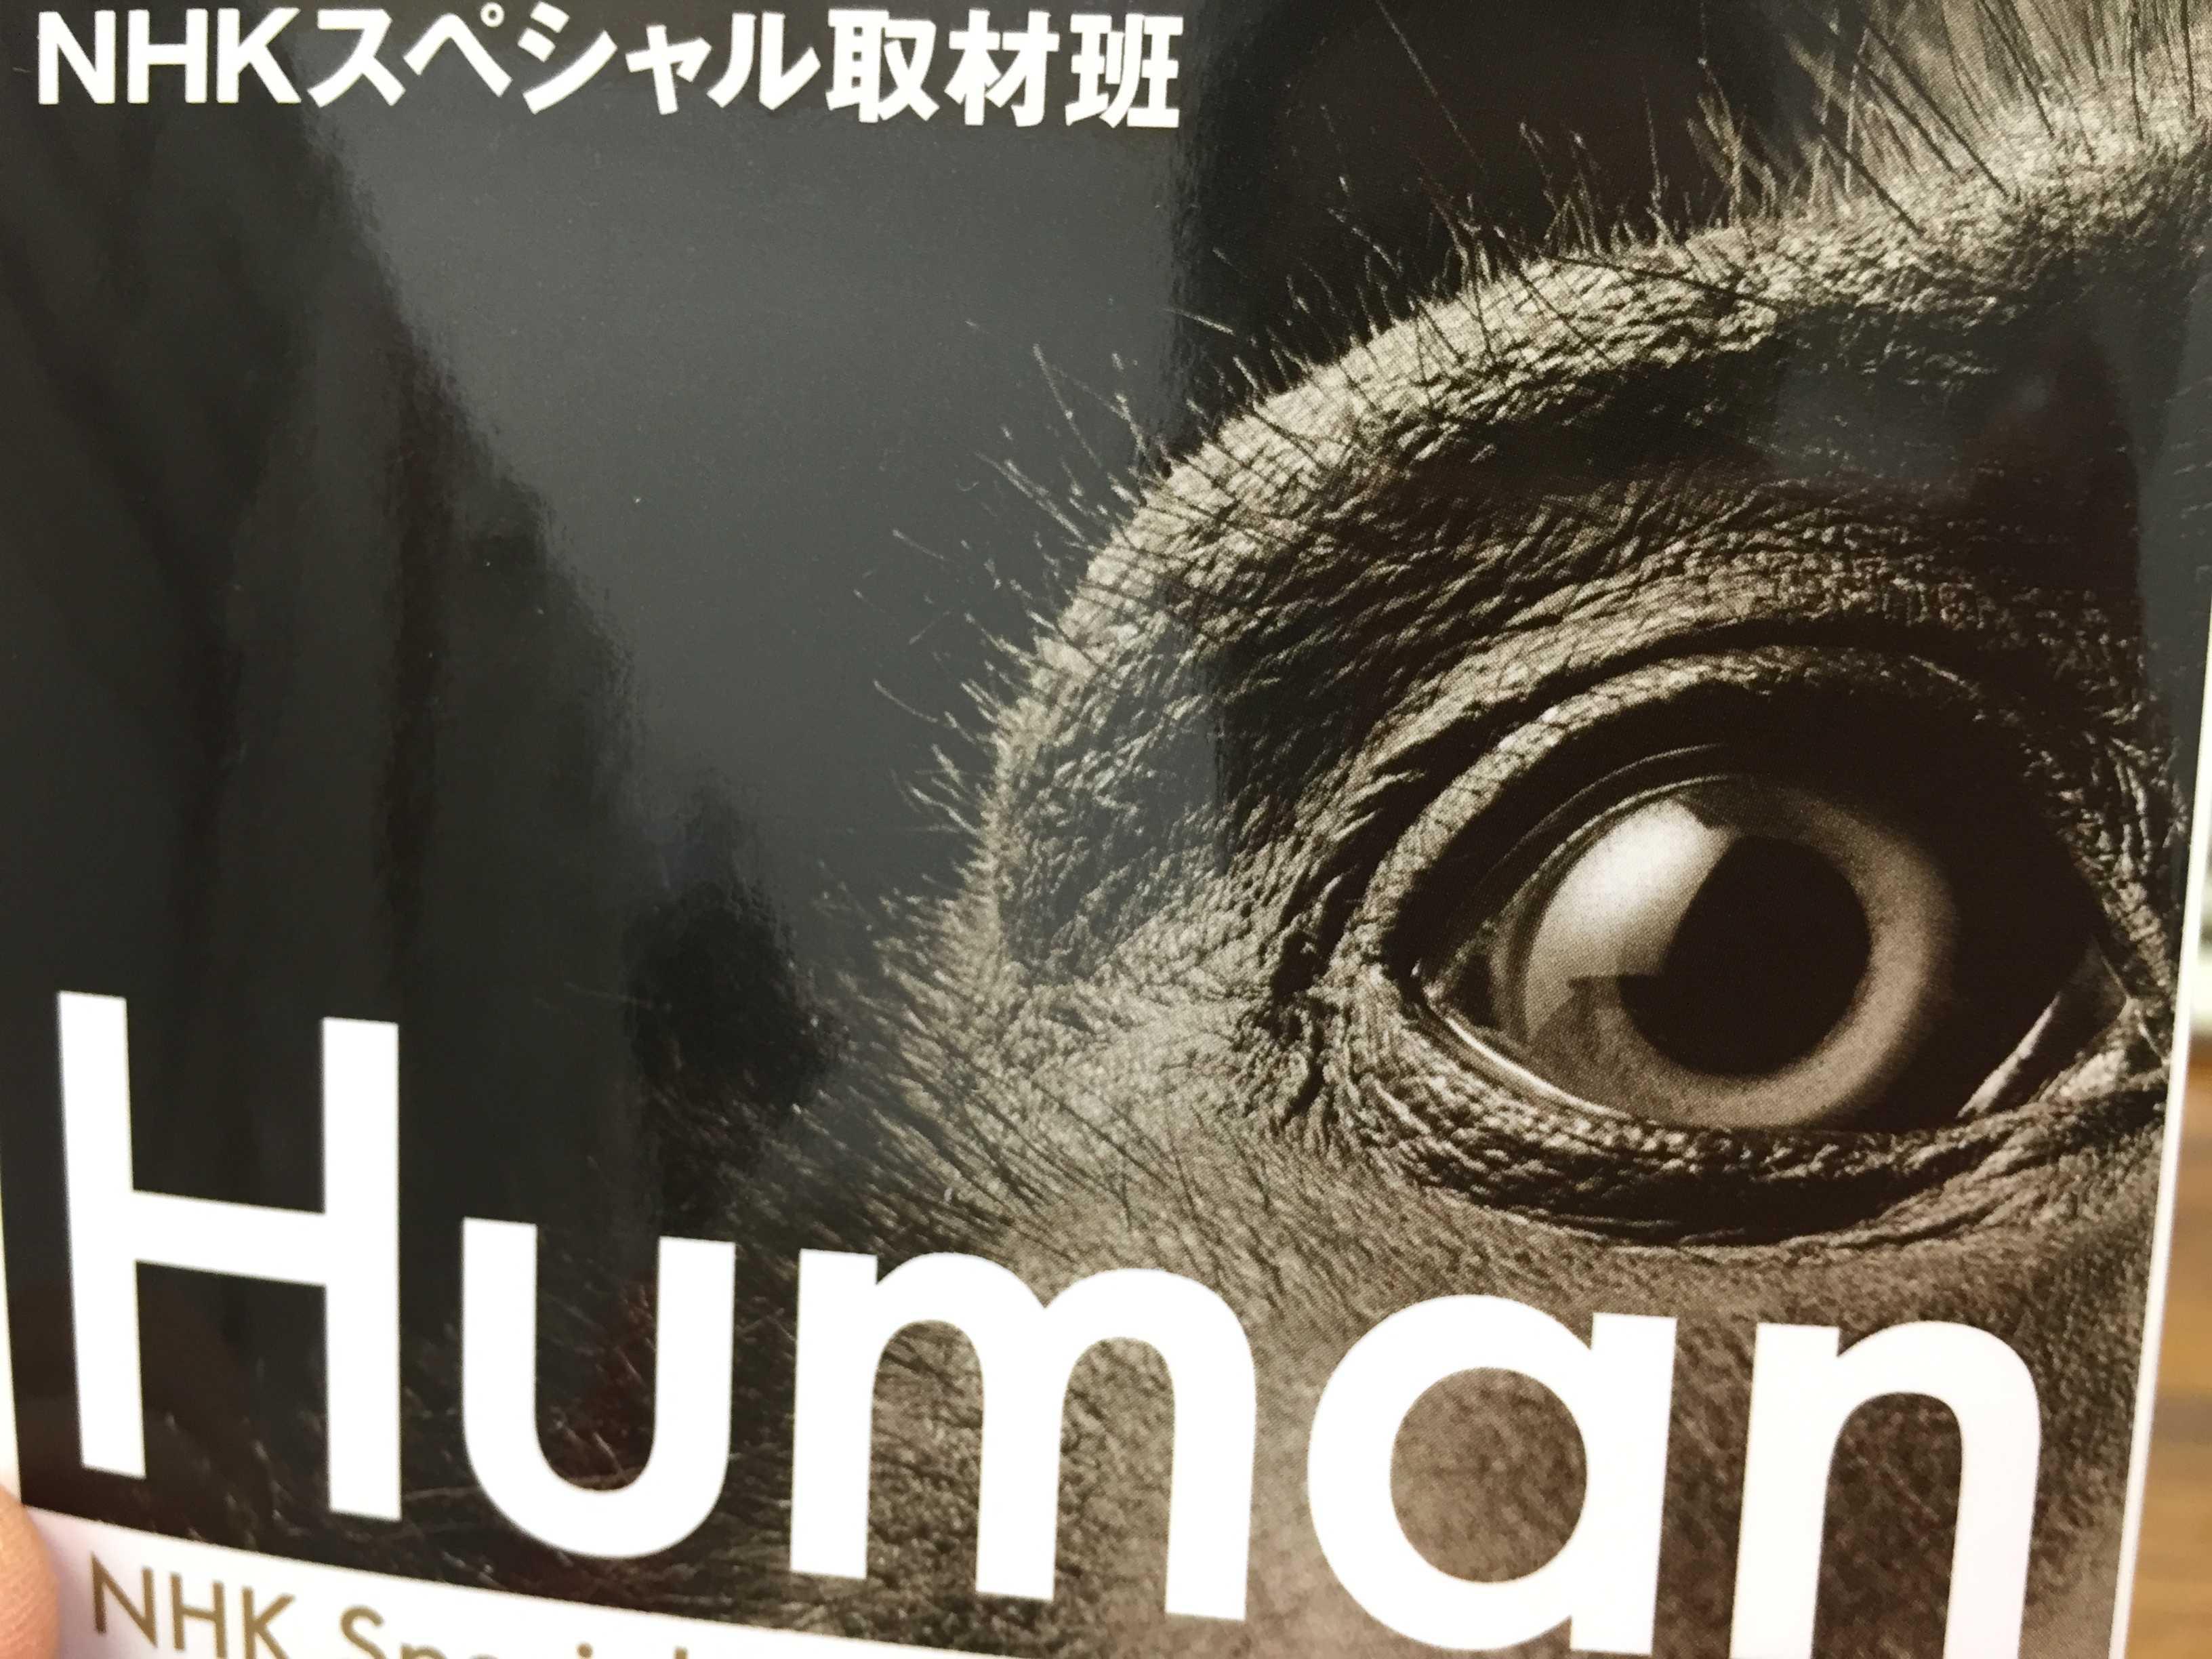 この本 面白っ!「ヒューマン なぜヒトは人間になれたのか」  NHKスペシャル取材班